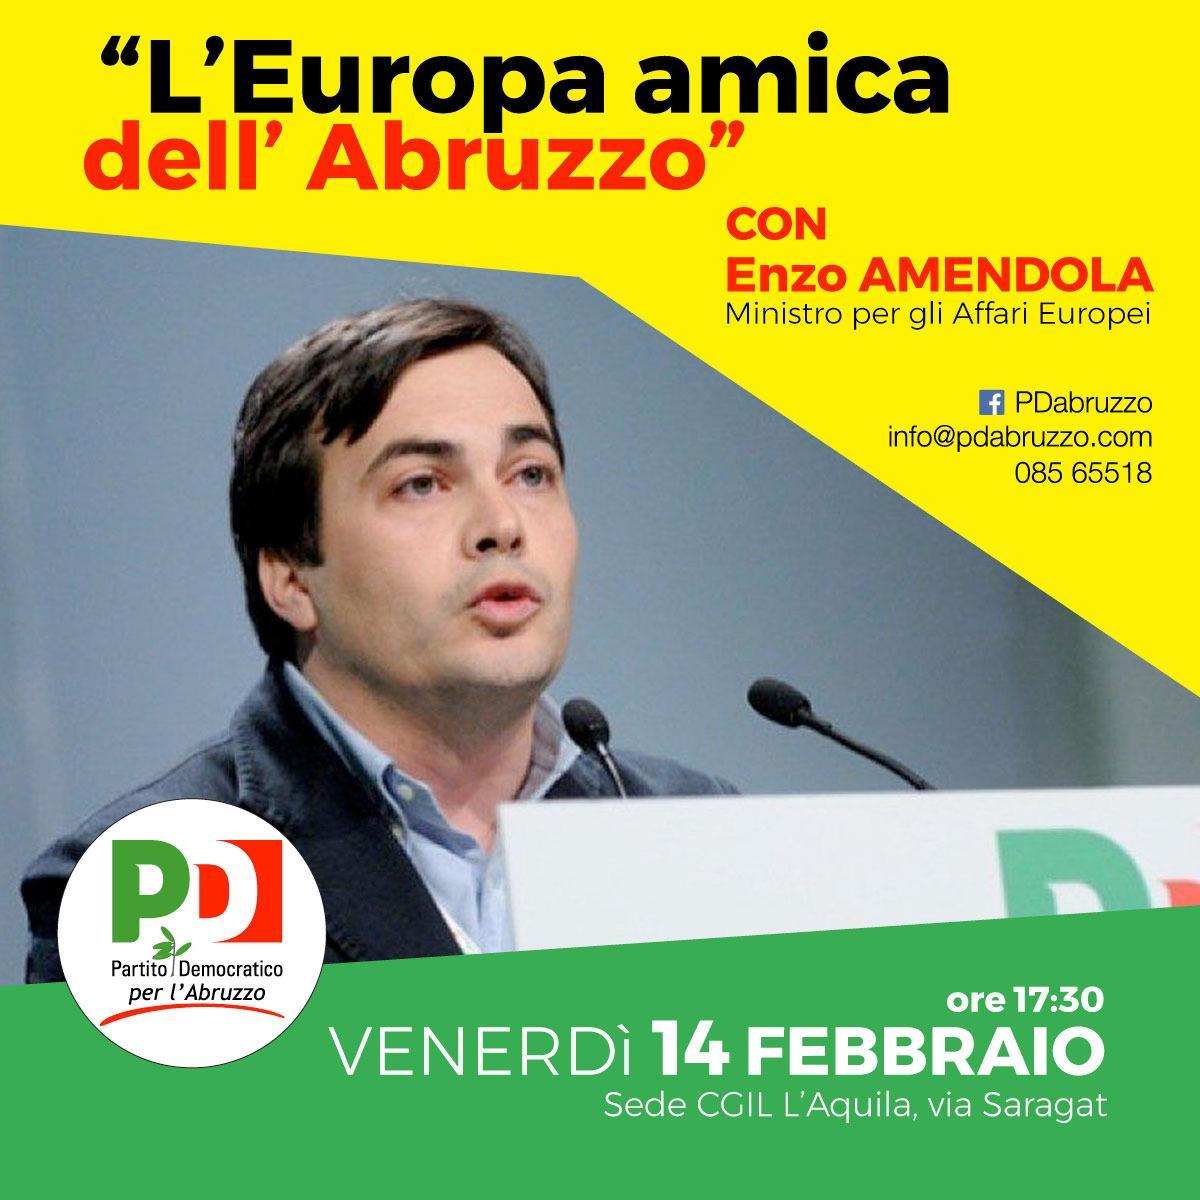 Oggi 14 febbraio incontro con il Ministro degli Affari Europei Enzo Amendola. Ore 17,30 Sala CGIL